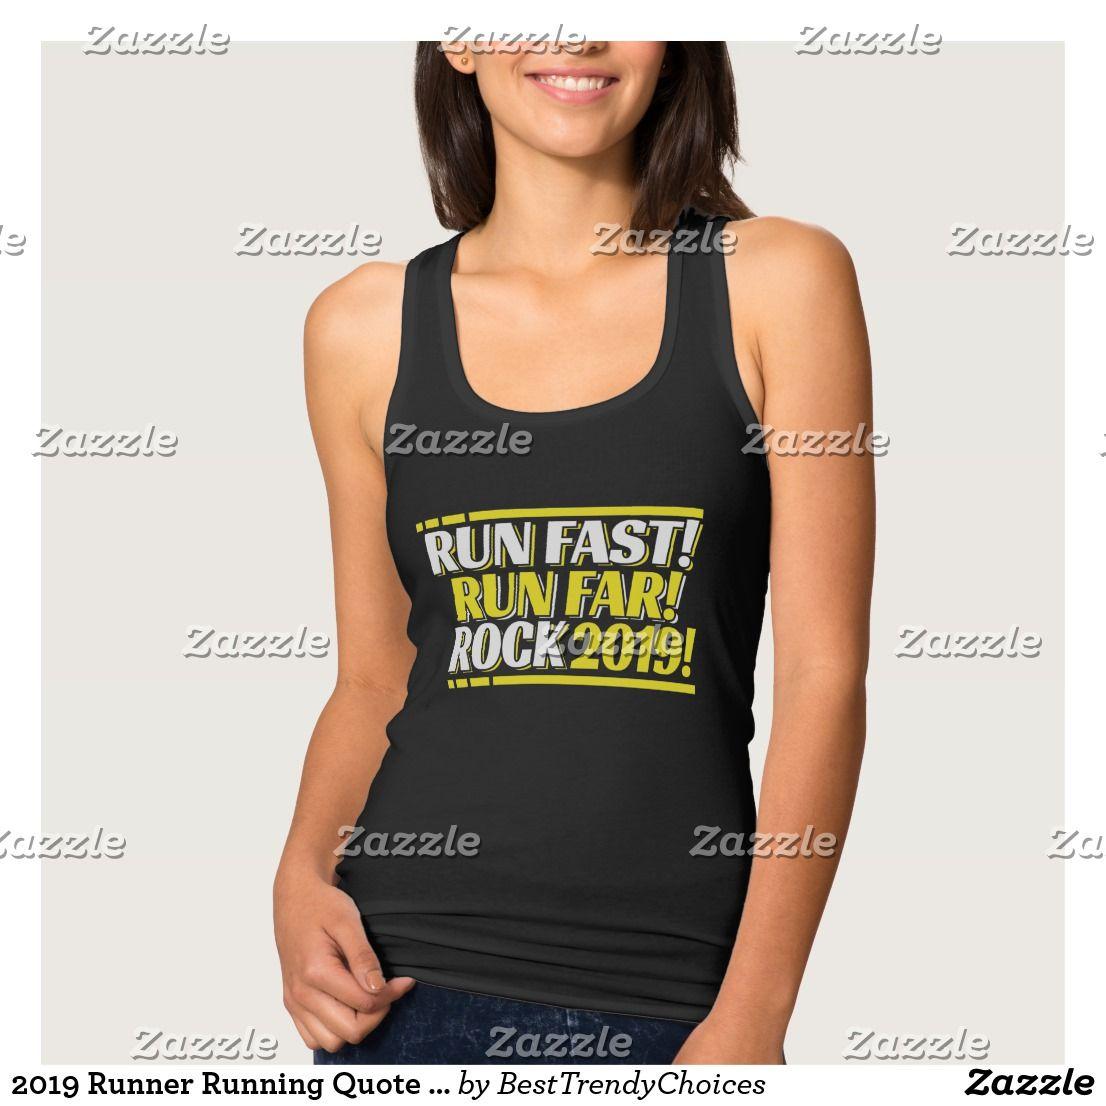 24ecd456678748 2019 Runner Running Quote Gift Idea - Tank Top Best Running Gear